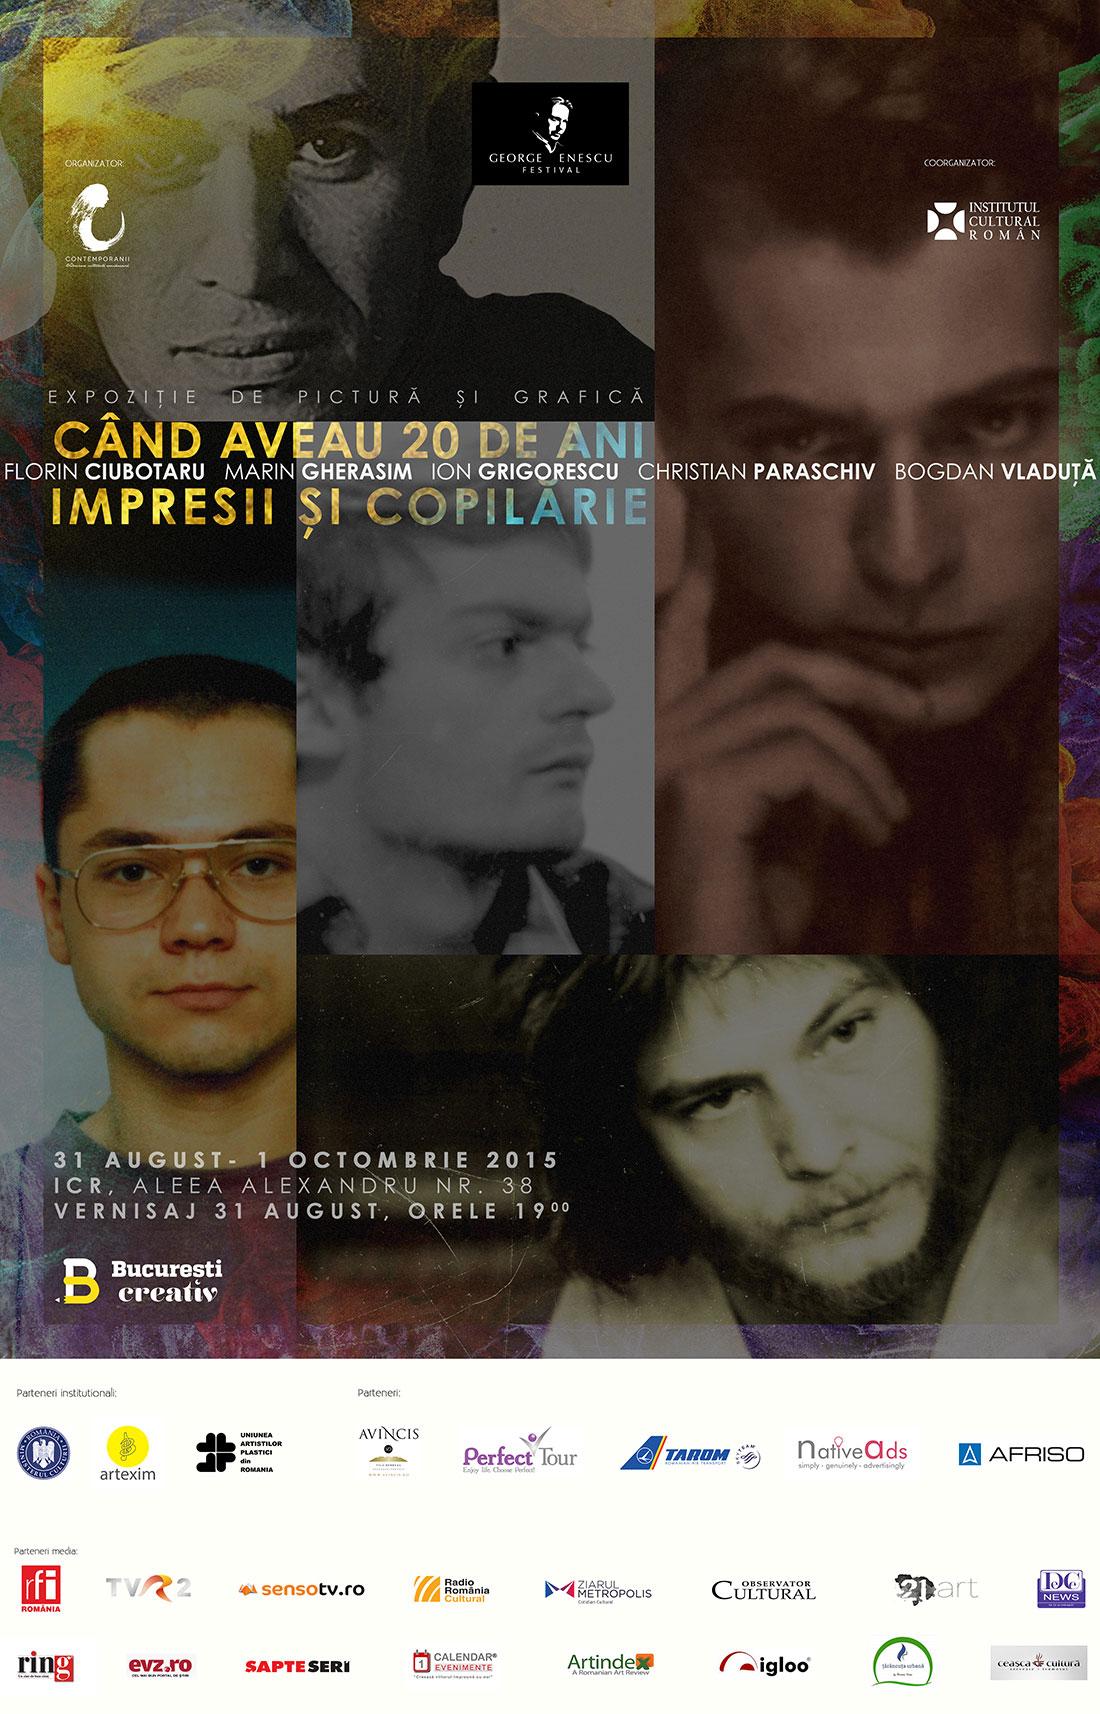 """Expozitia """"Cand aveau 20 de ani. Impresii si Copilarie"""" la Institutul Cultural Roman"""